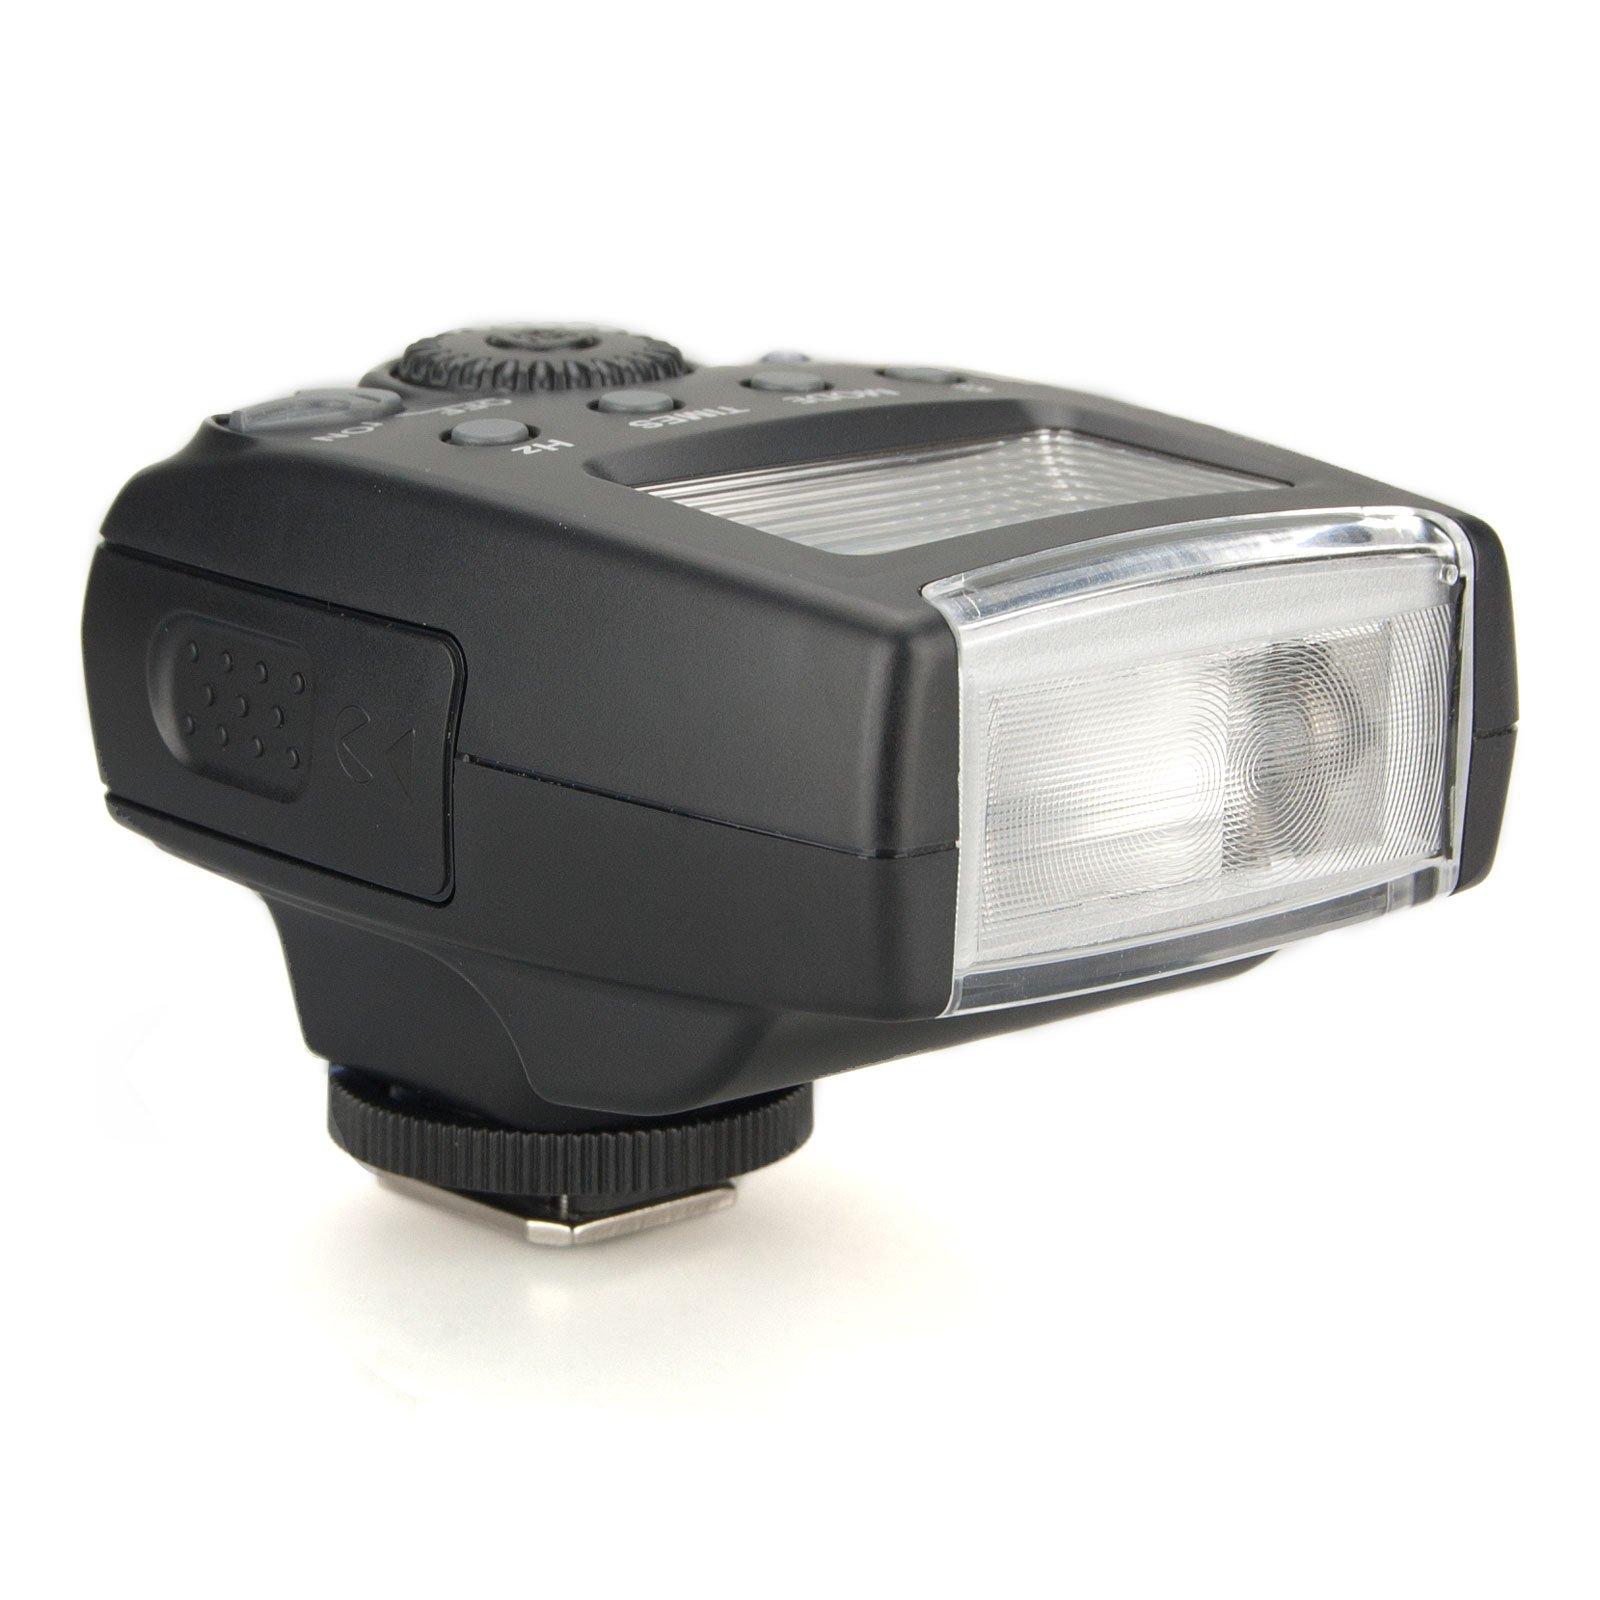 MeiKe MK-300 MK300 LCD i-TTL TTL Speedlite Flash Light w/ Mini USB Interface on Nikon